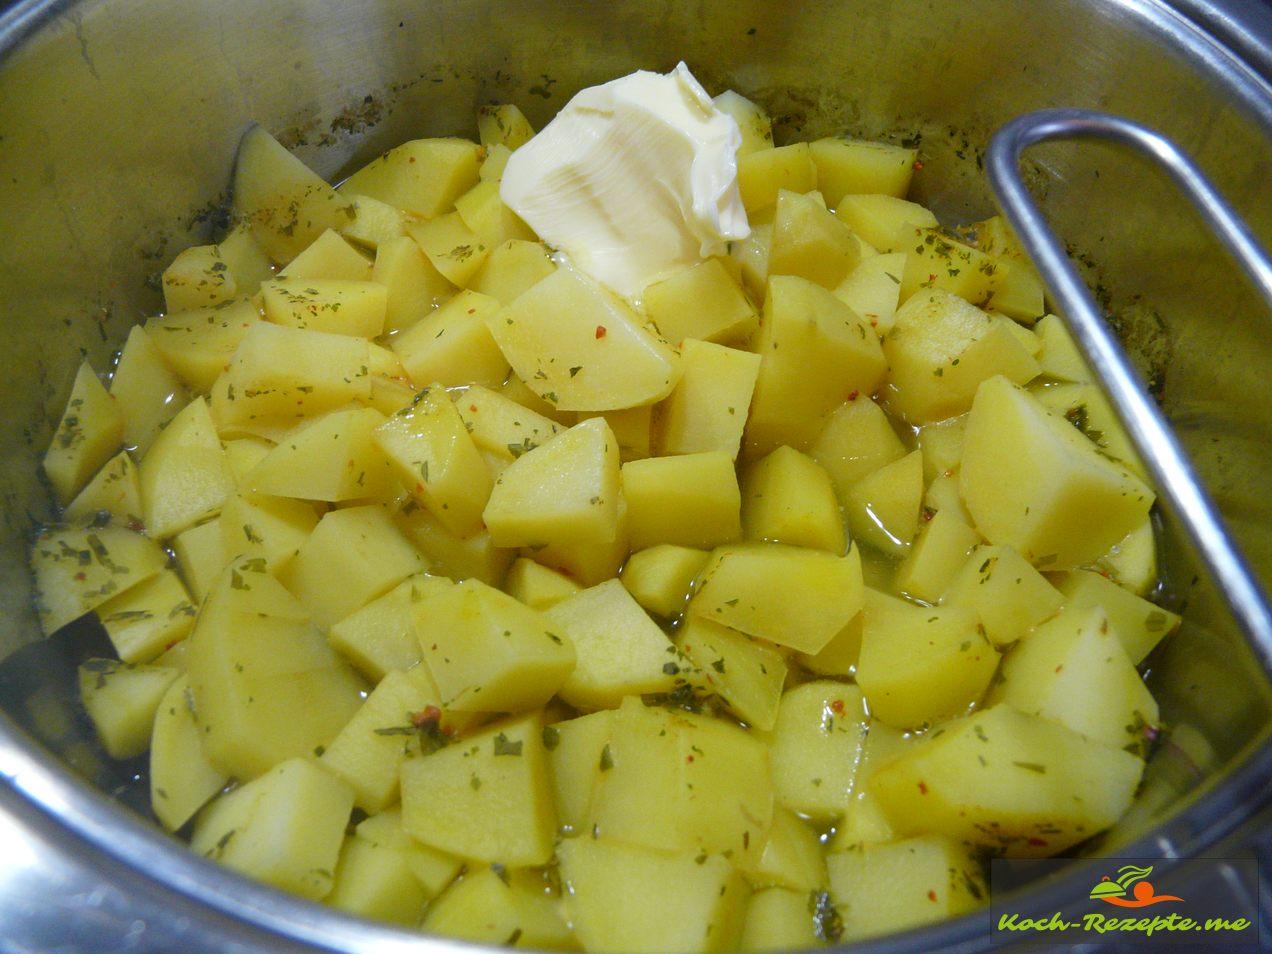 gekochte Kartoffeln mit Butter